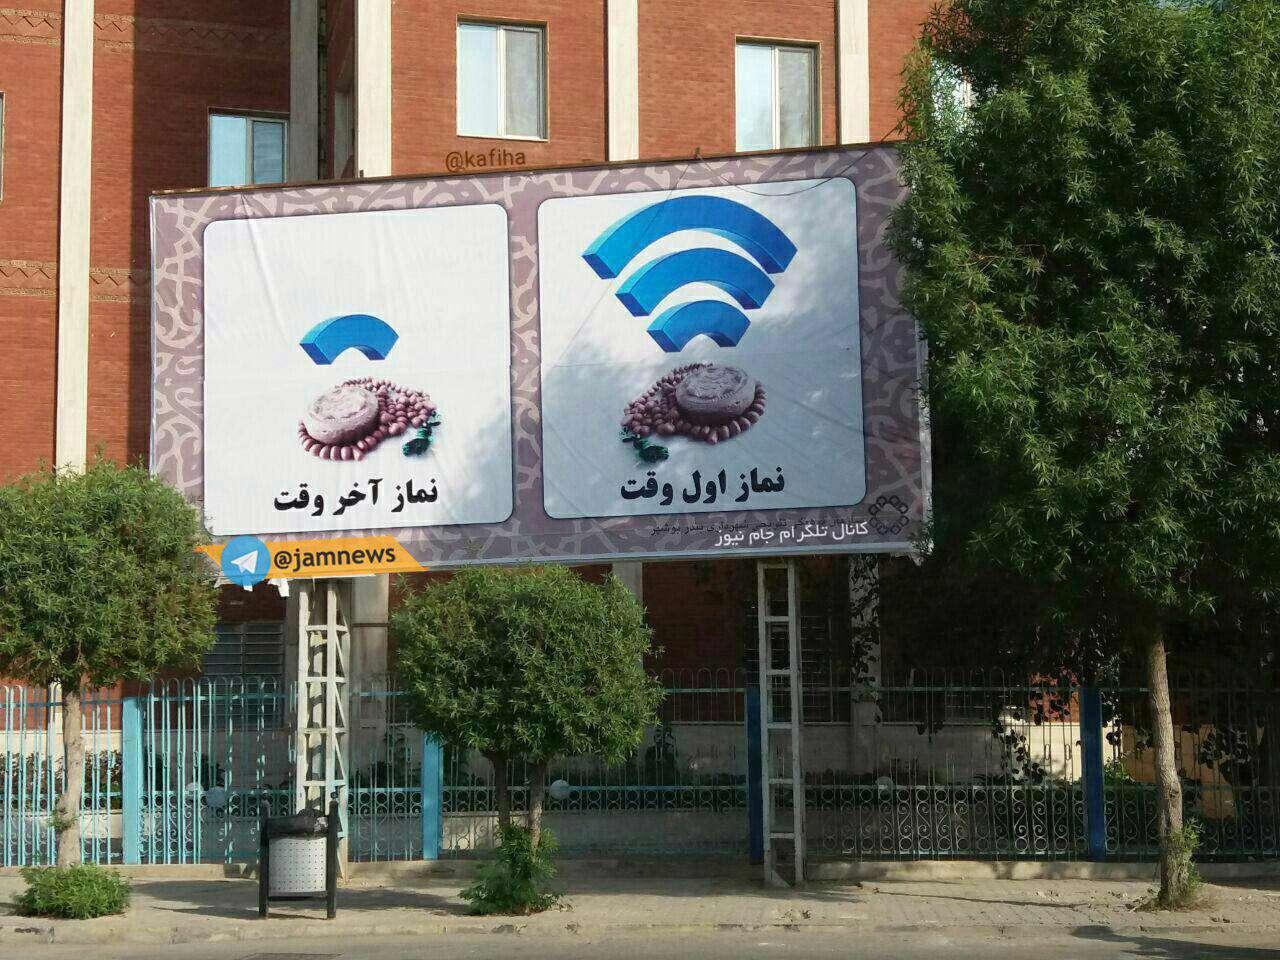 تبلیغ نماز اول وقت در بوشهر به سبک وای فای